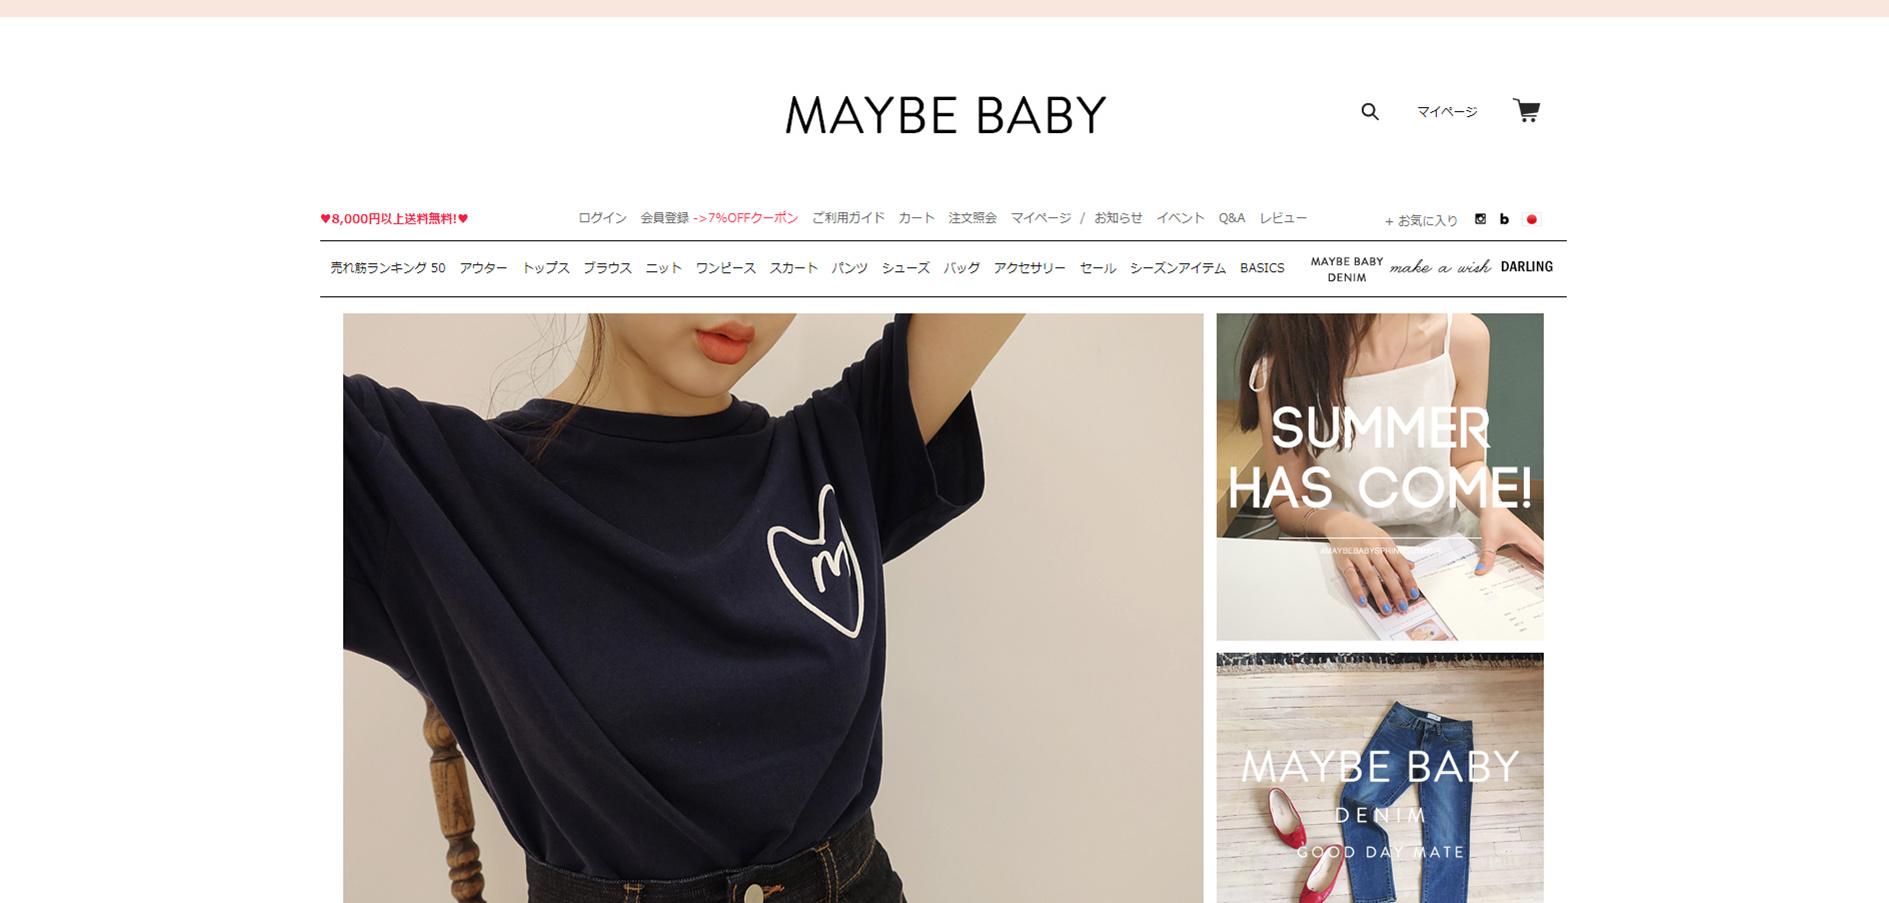 10代におすすめな韓国ファッション通販サイトのMAYBE BABY(メイビーベイビー)